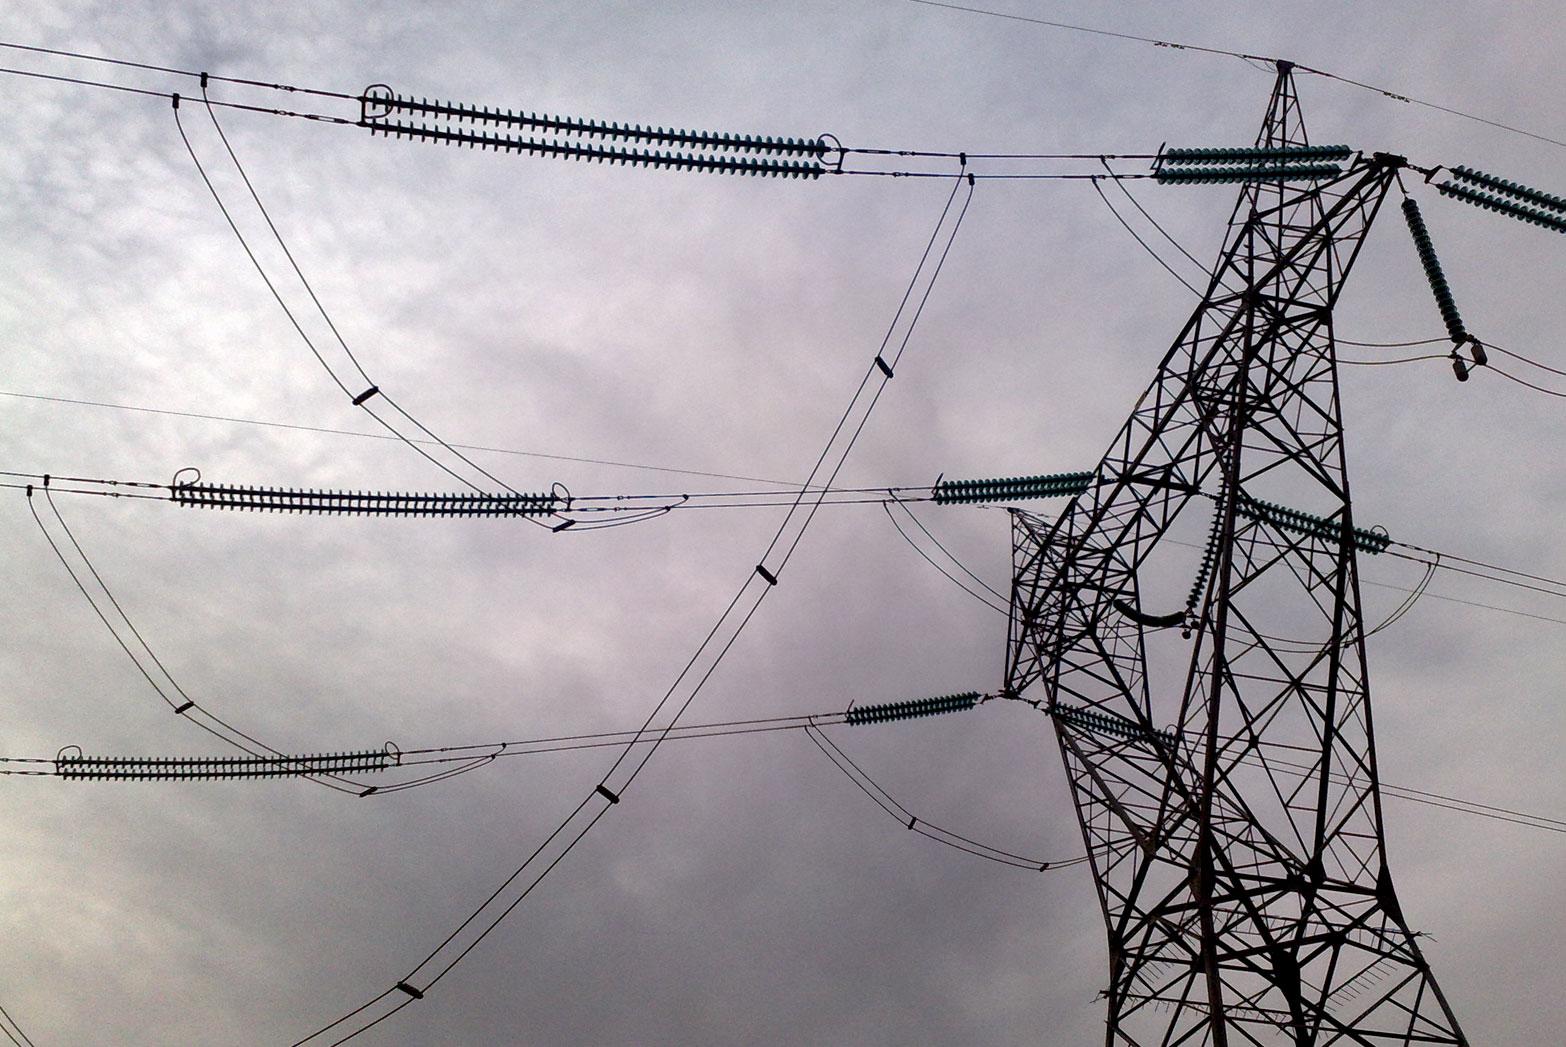 وزارت نیرو در ترمیم خطوط انتقال برق کوتاهی میکند/ بیتوجهی شرکت برق قابل انکار نیست